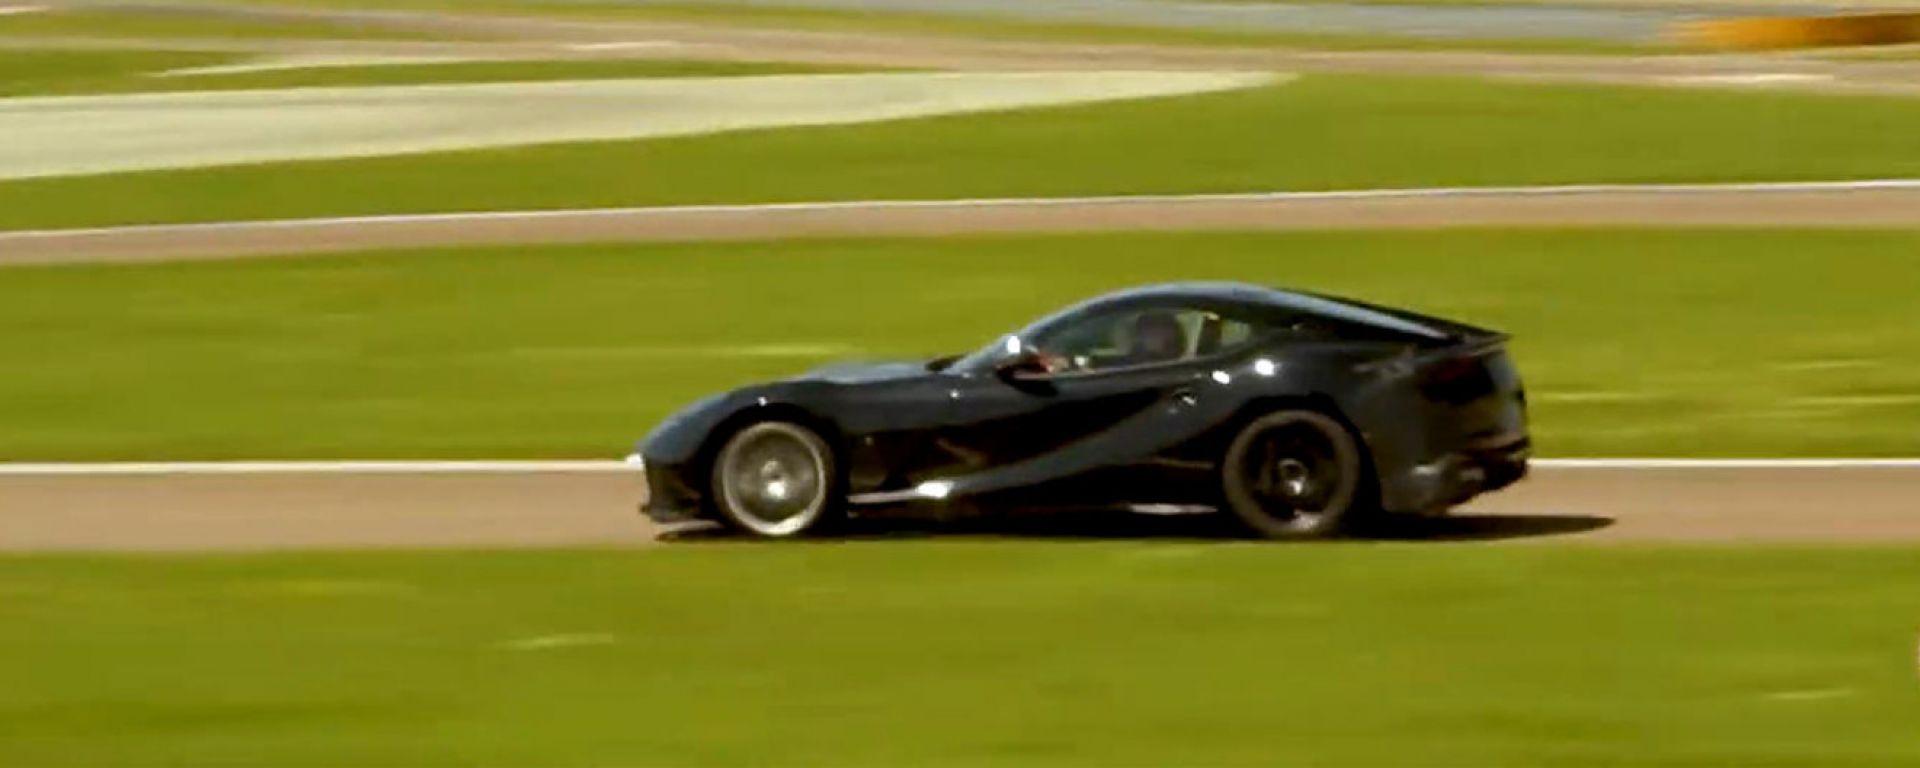 In un video YouTube la nuova Ferrari 812 Superfast in pista: sarà GTO?